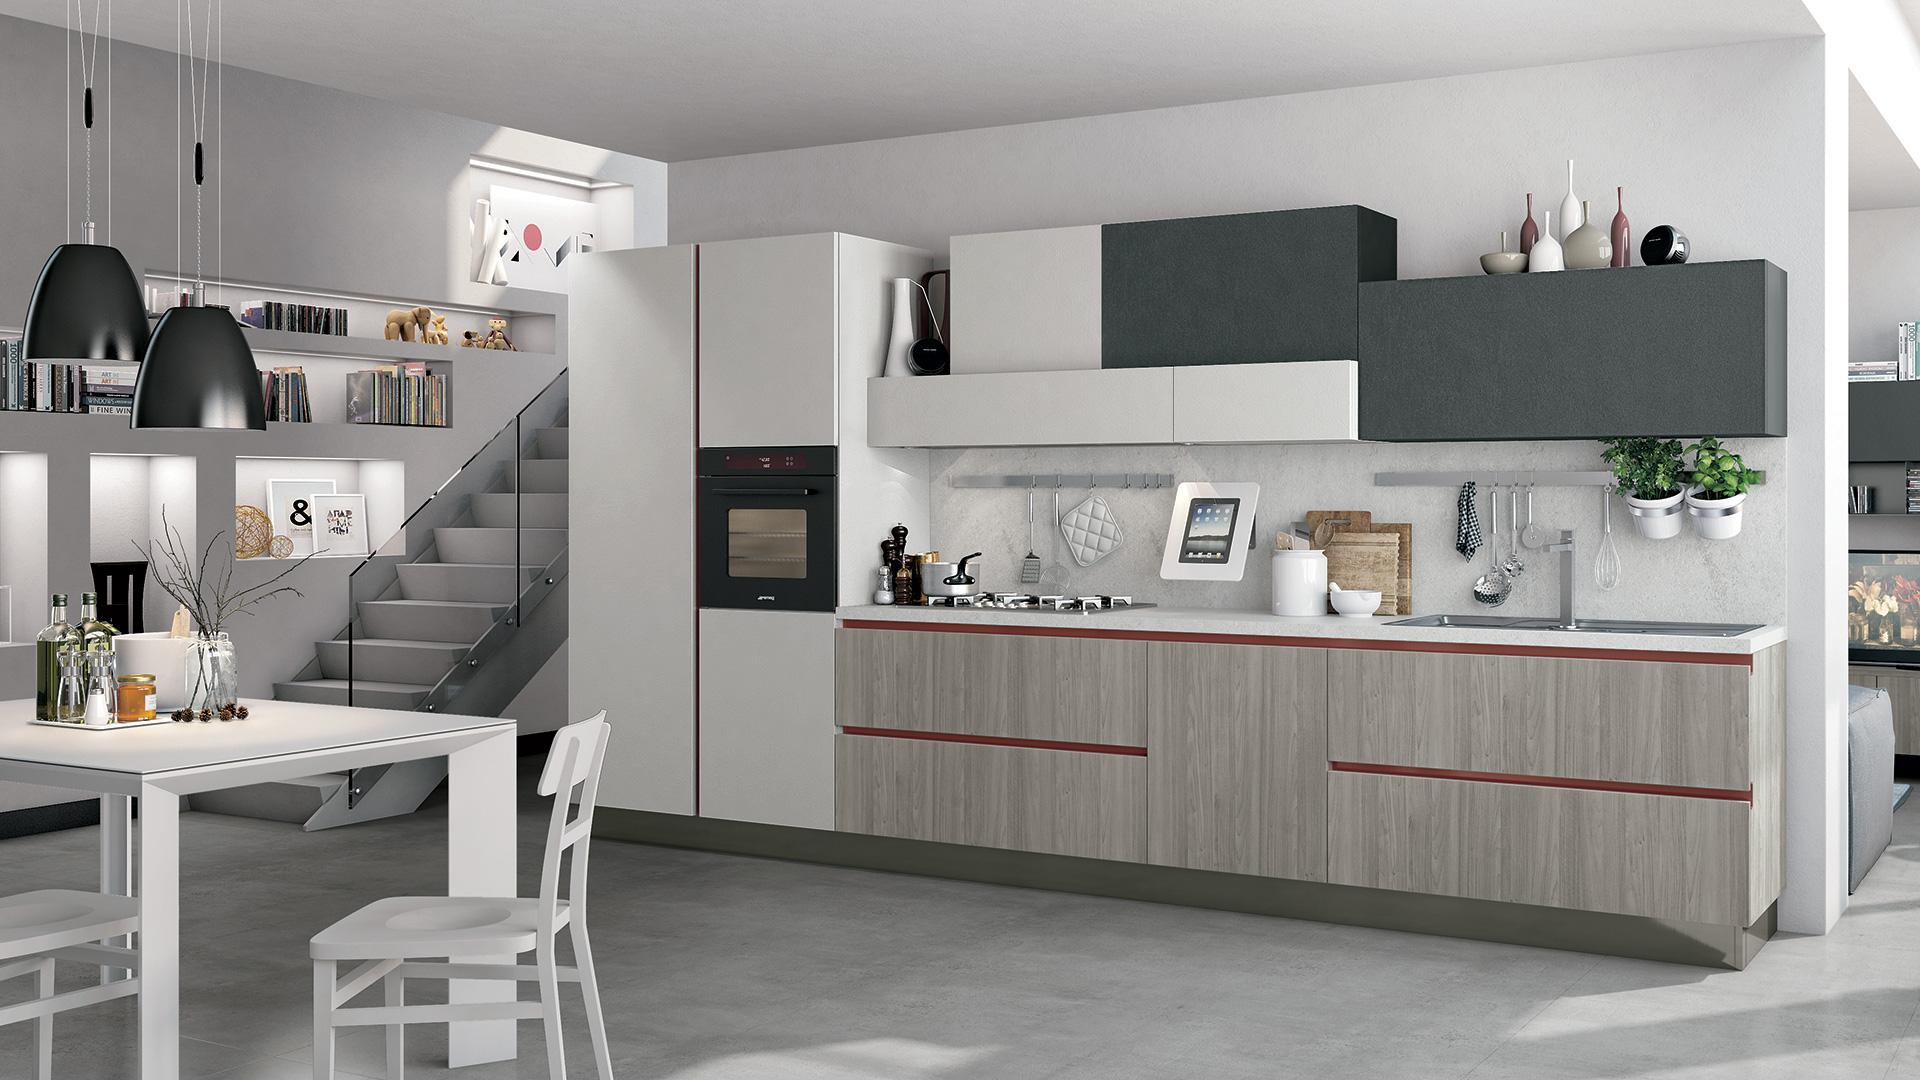 Immagina - Cucine Lube